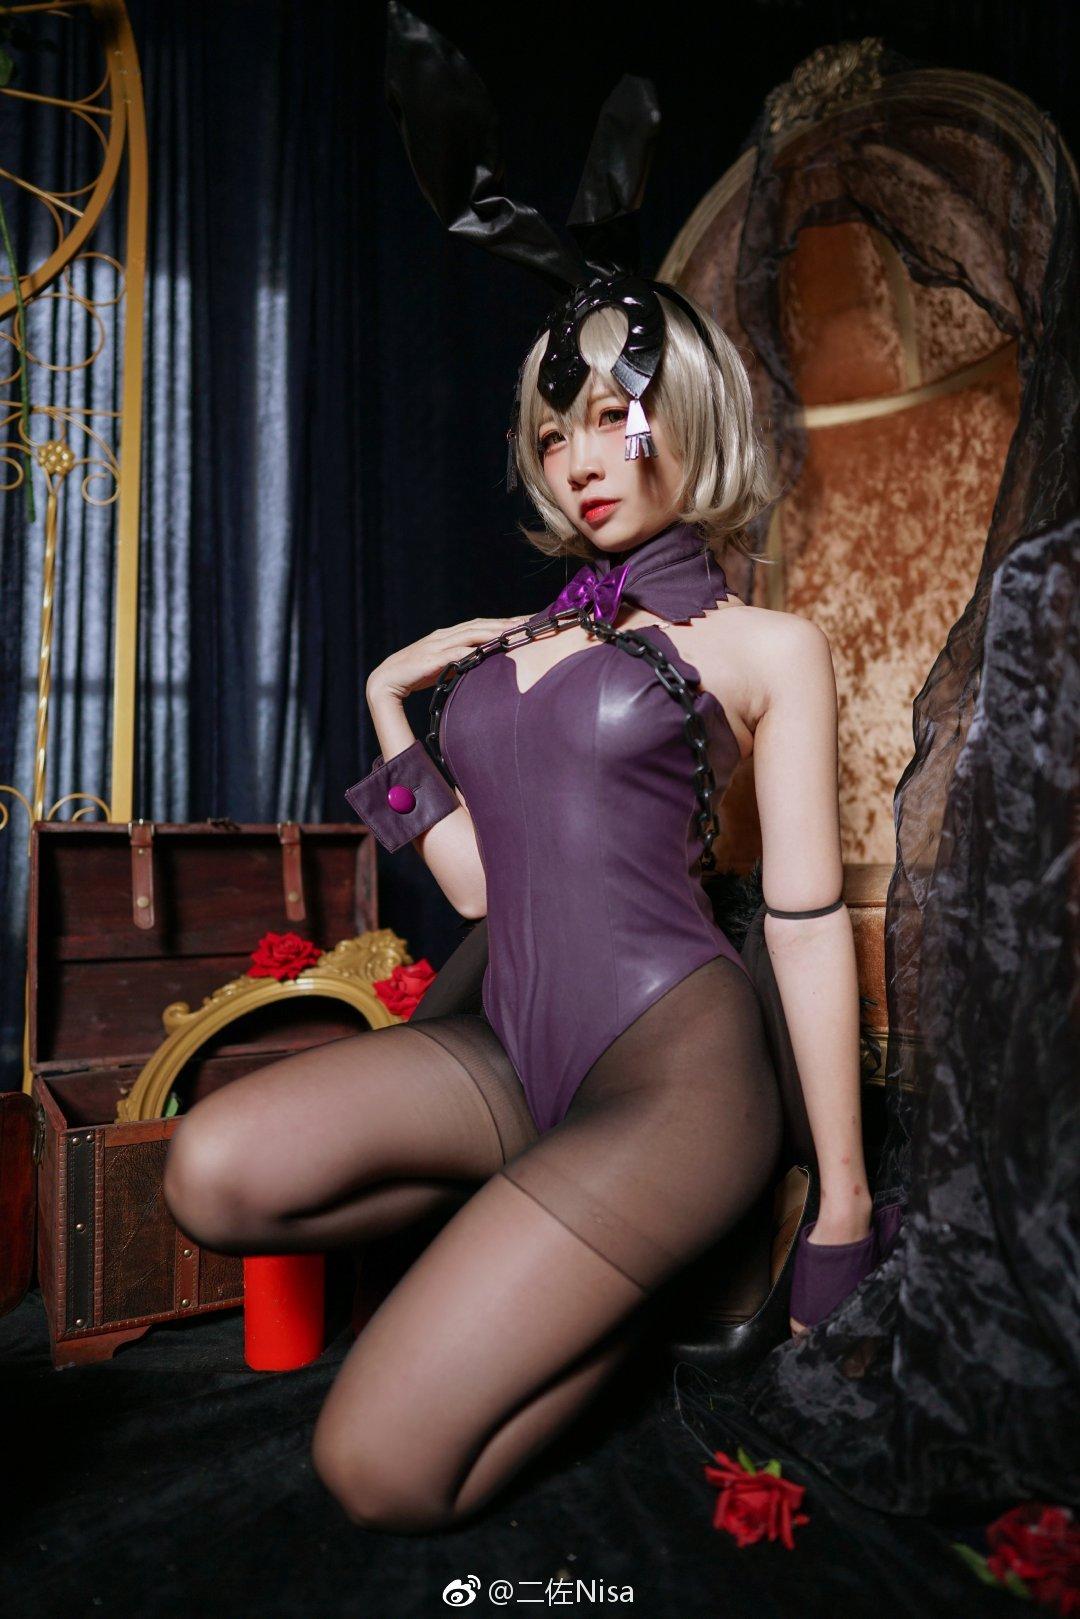 二佐Nisa的兔女郎黑贞Cosplay,这丝袜真带感